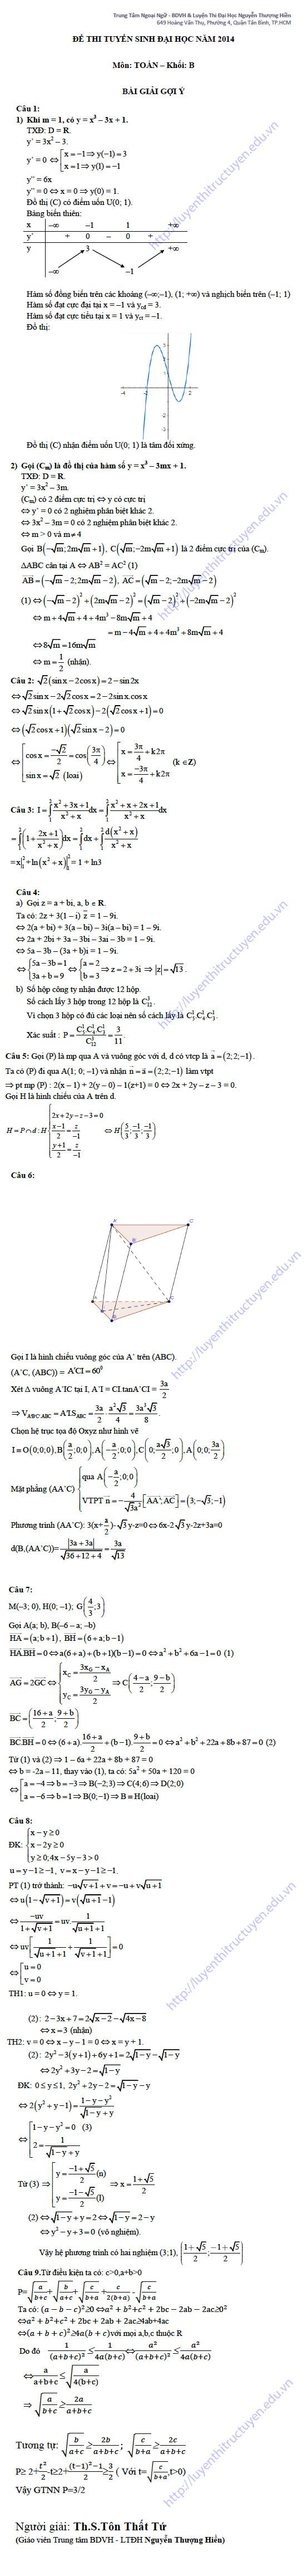 Đáp án đề thi đại học môn toán khối B 2014